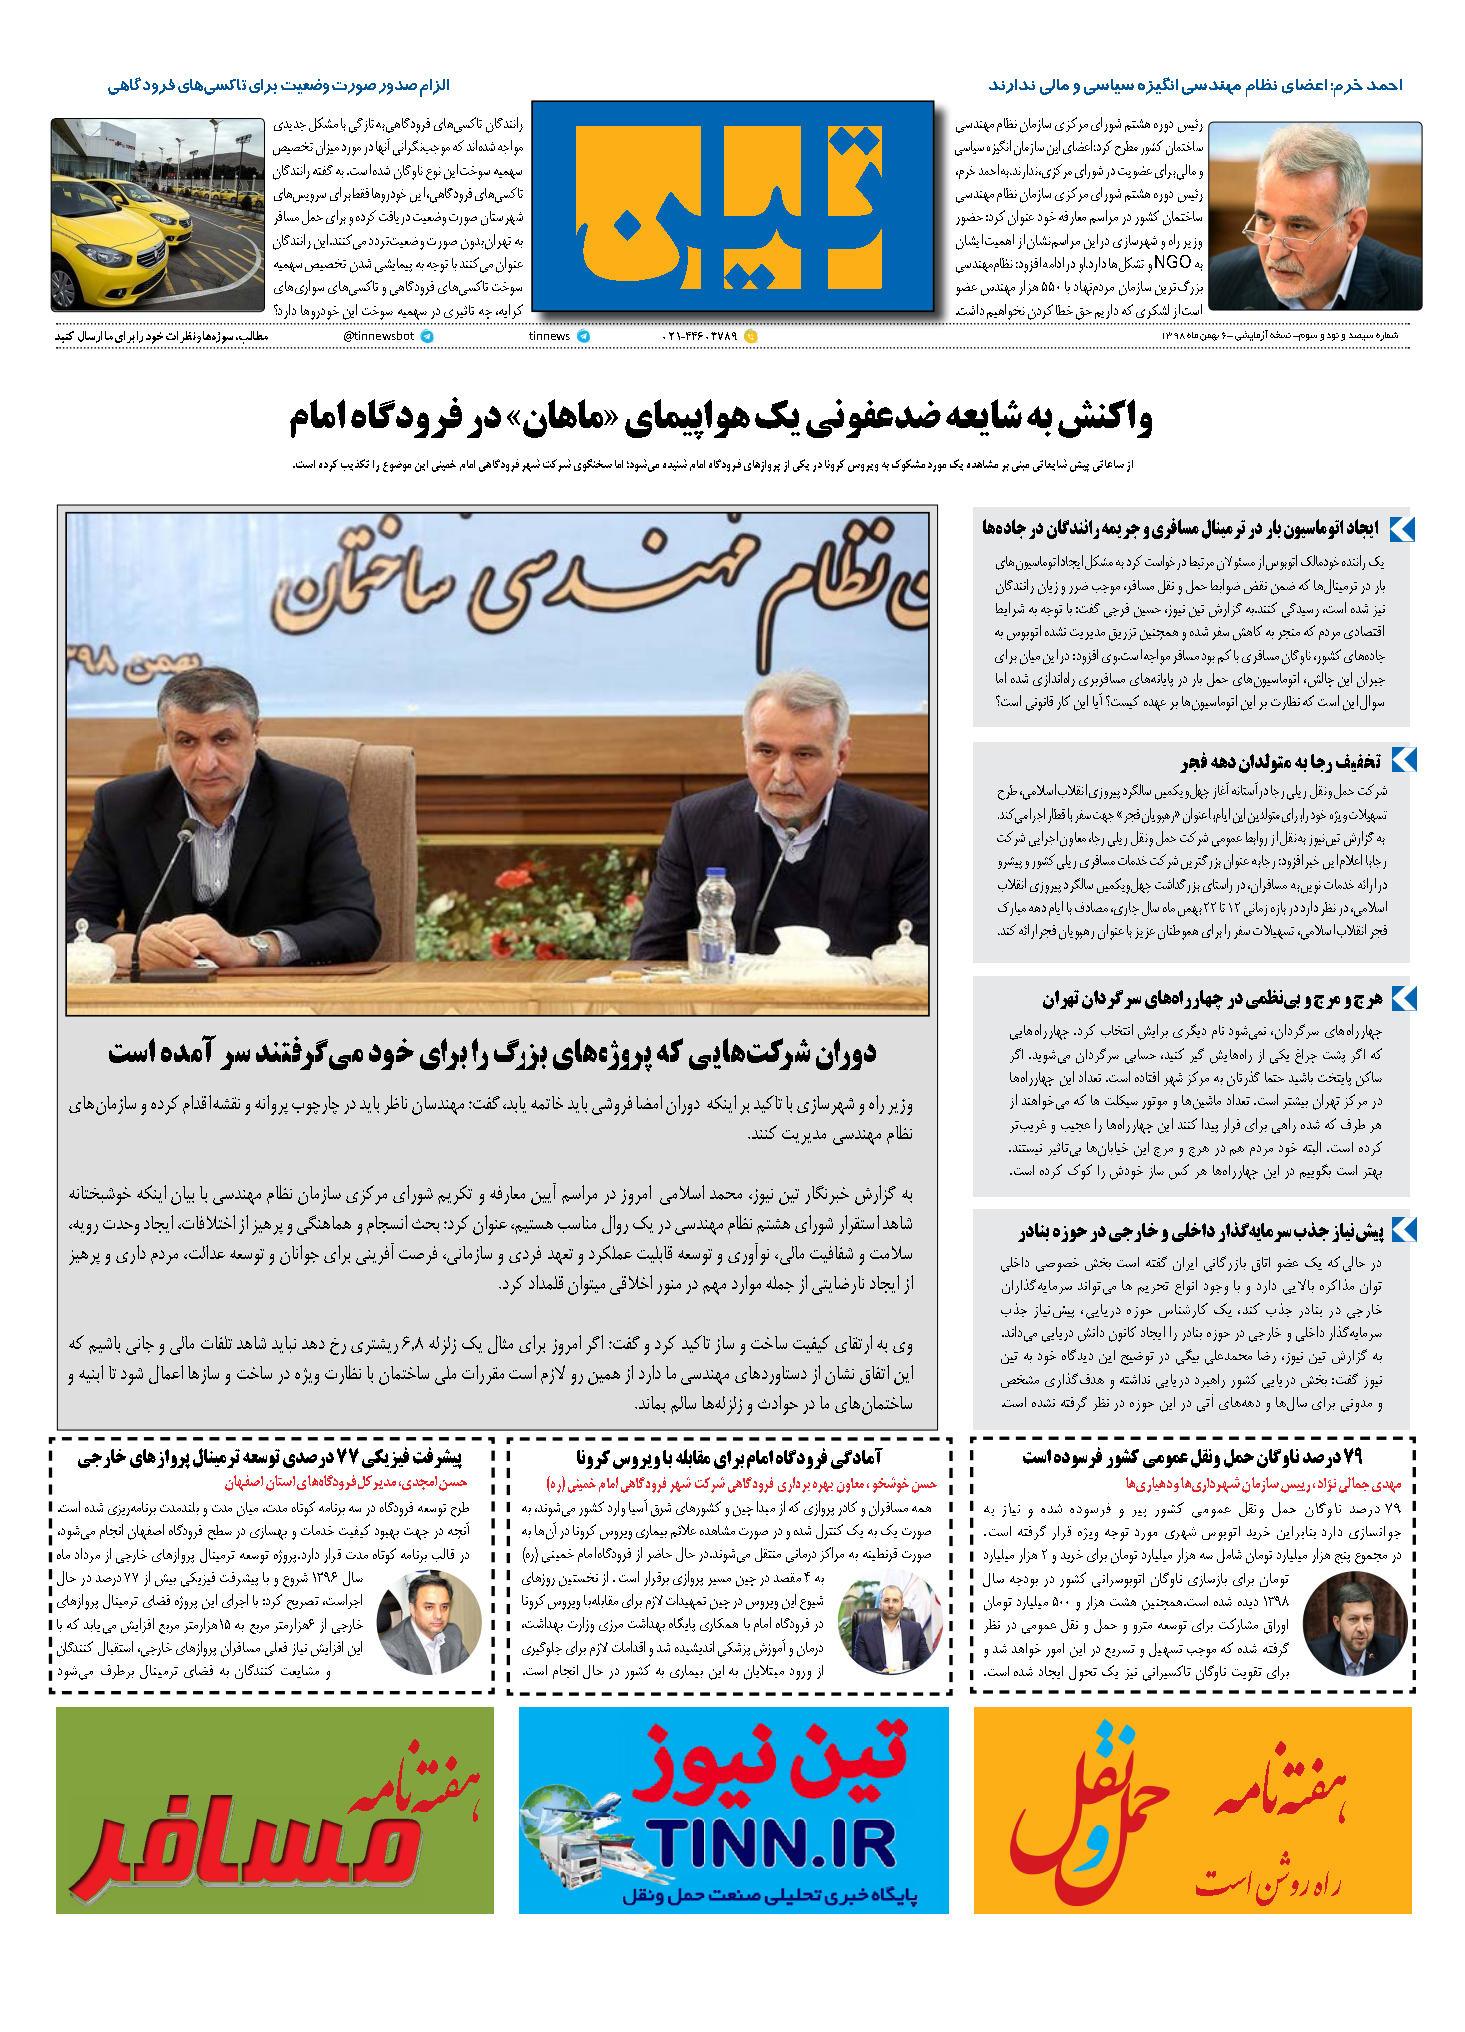 روزنامه الکترونیک 6 بهمن ماه 98